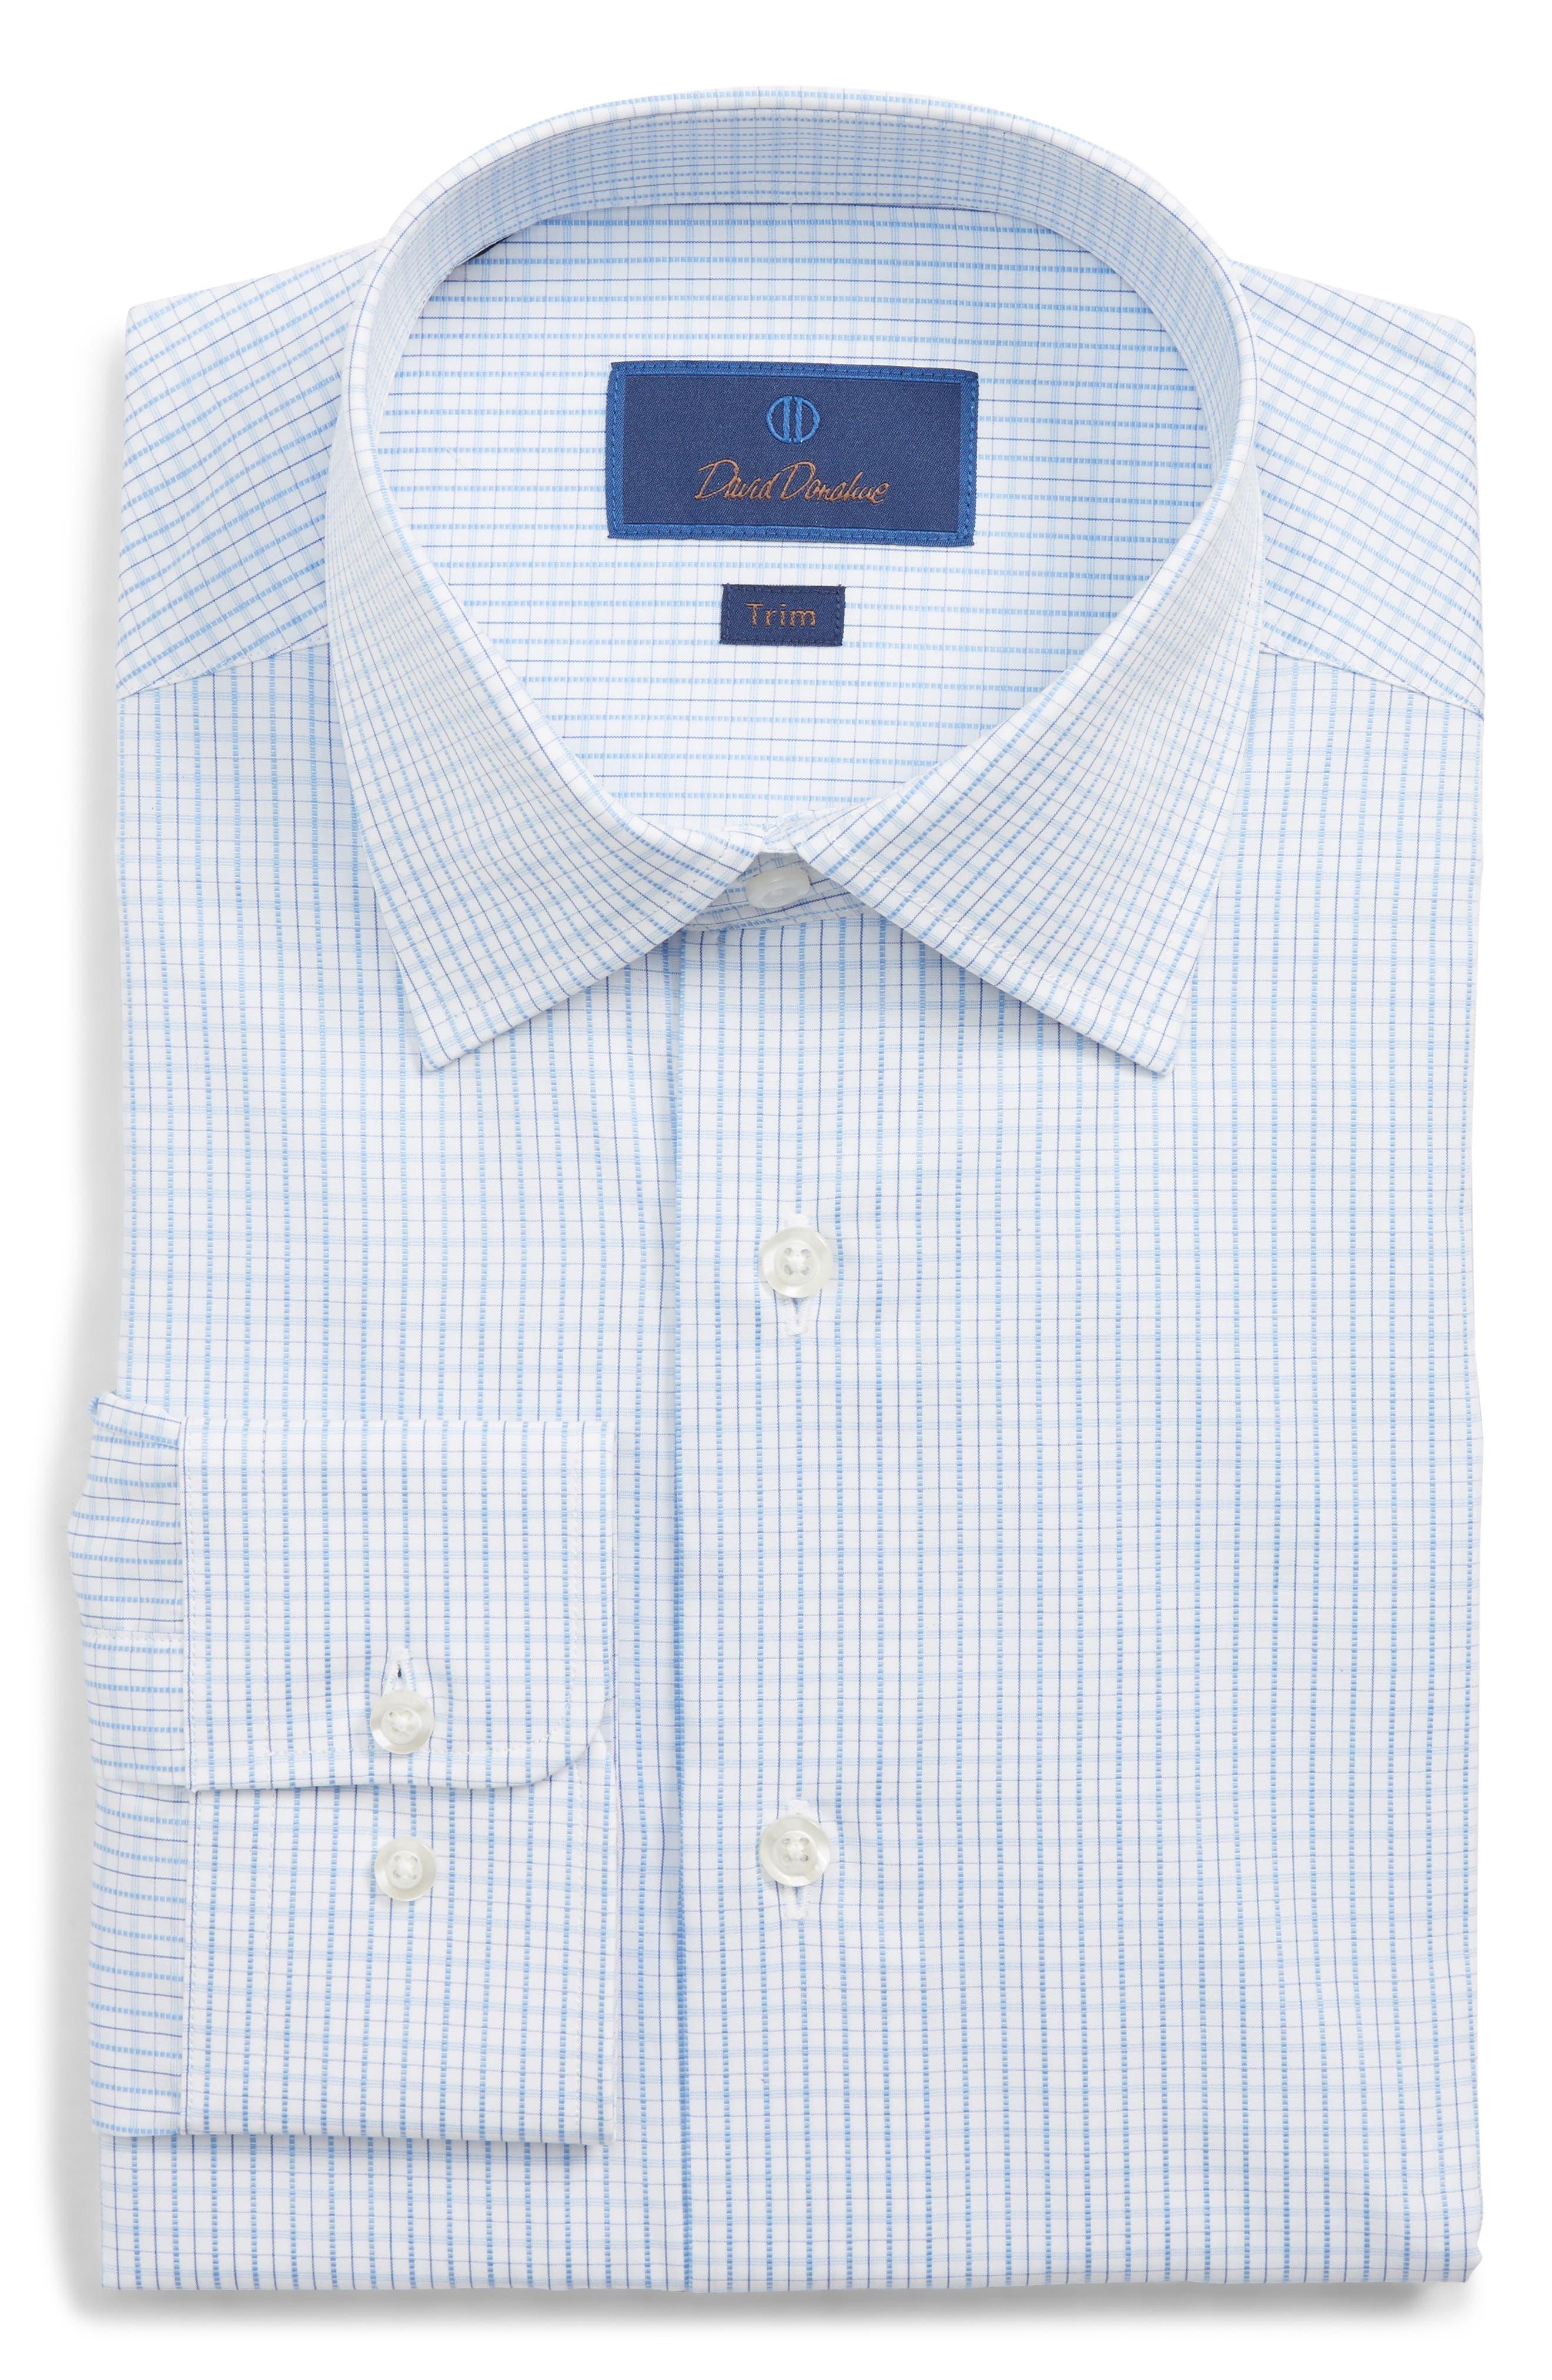 Trim Fit Check Dress Shirt,                             Main thumbnail 1, color,                             BLUE